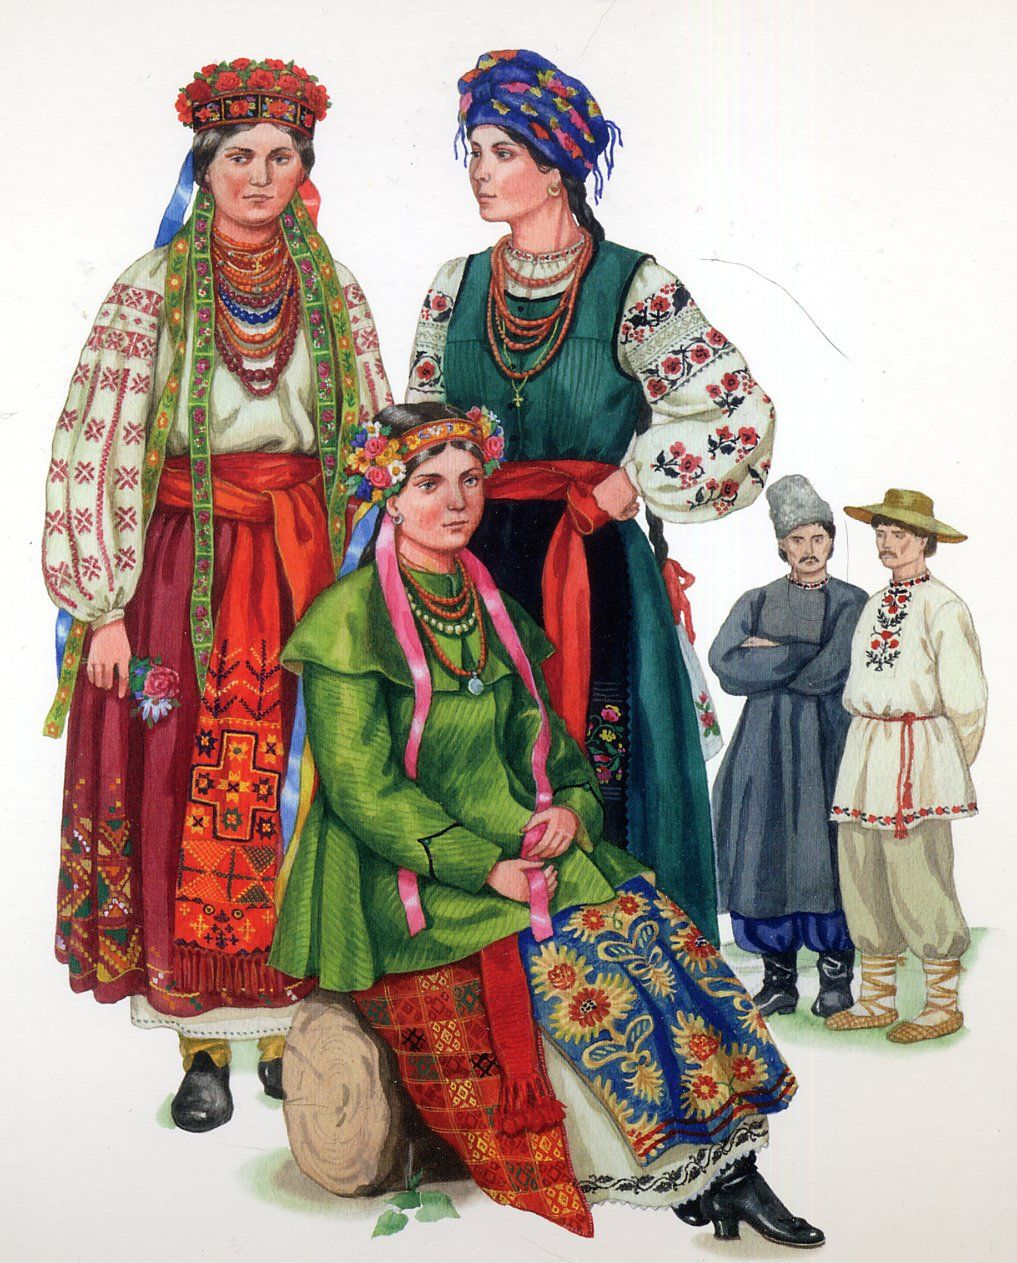 костюмы украинского народа картинки качестве